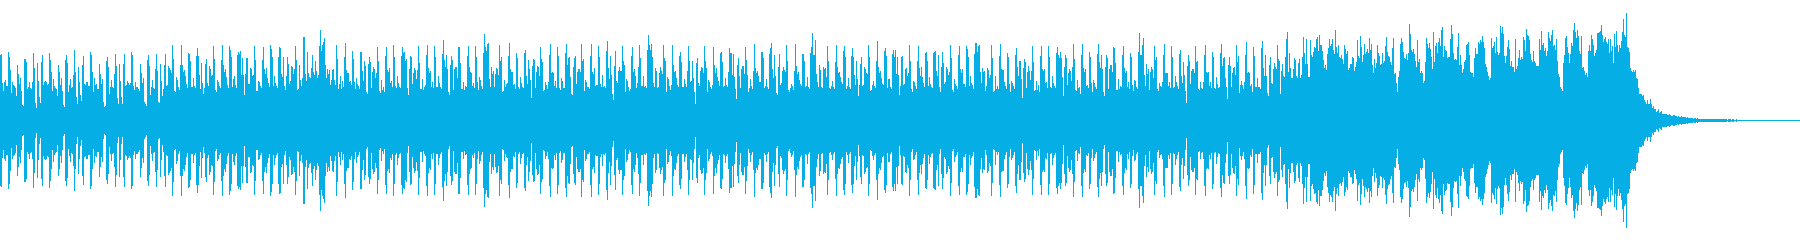 邪魔にならない 躍動的ジャズビートの再生済みの波形